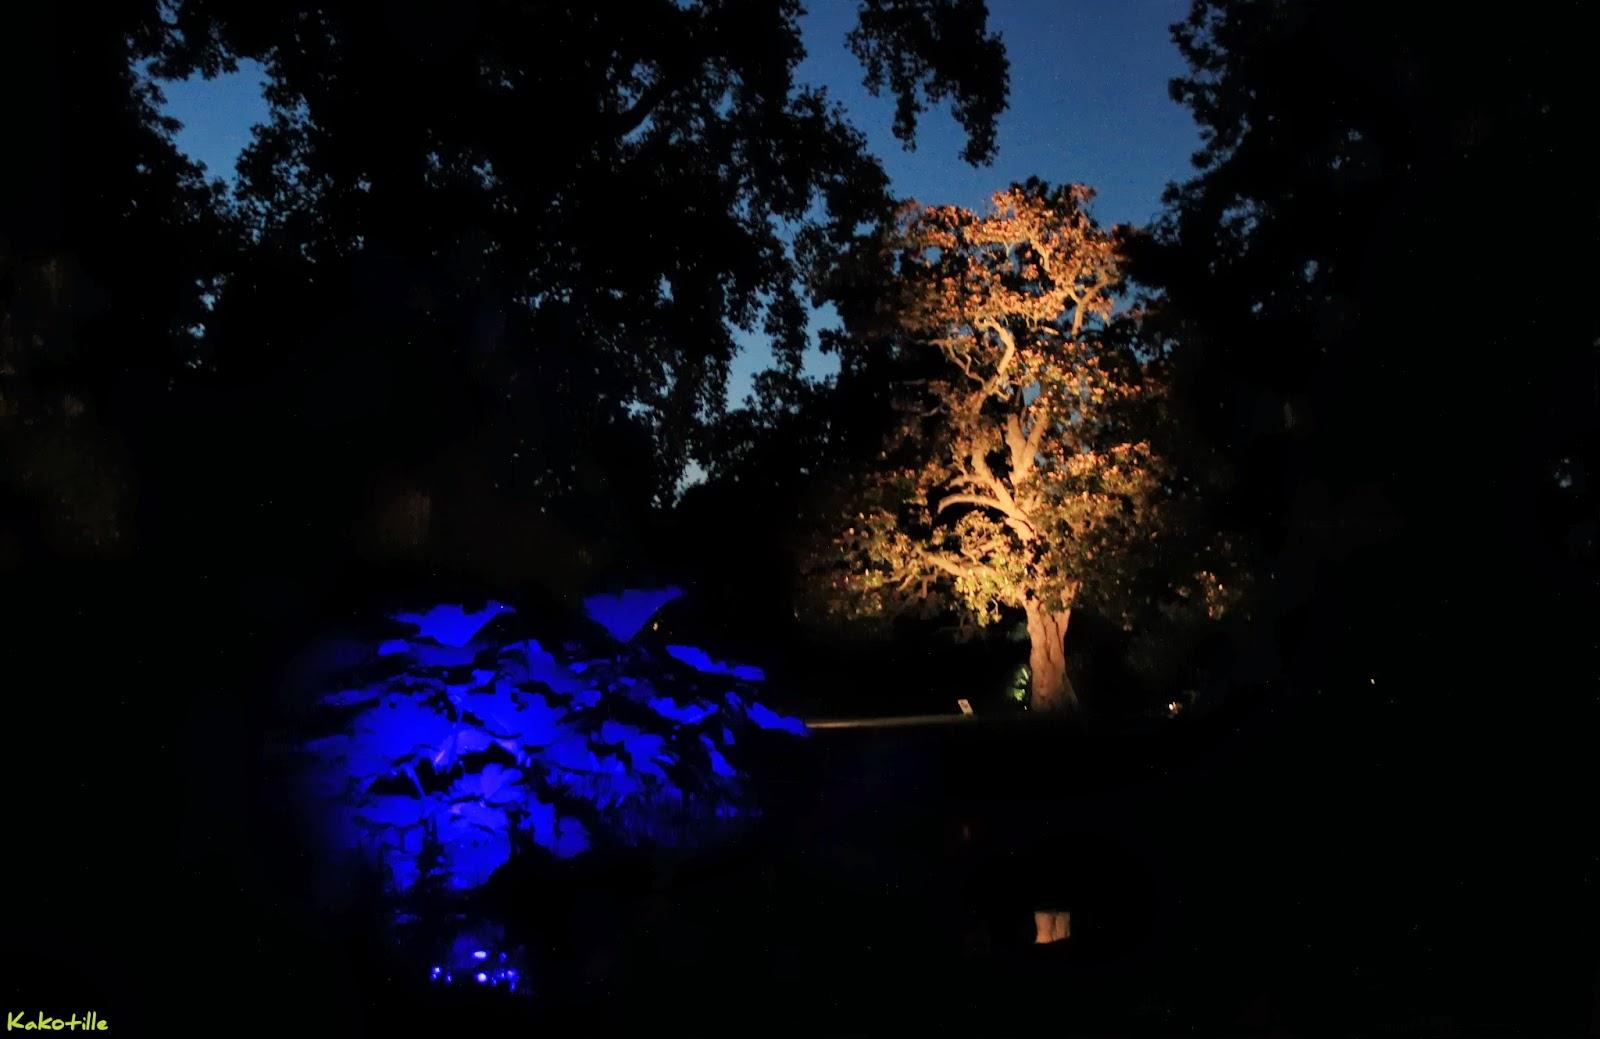 Maillalenvers le voyage nantes 2013 la nuit f rique de ponti for Jardin des plantes nantes de nuit